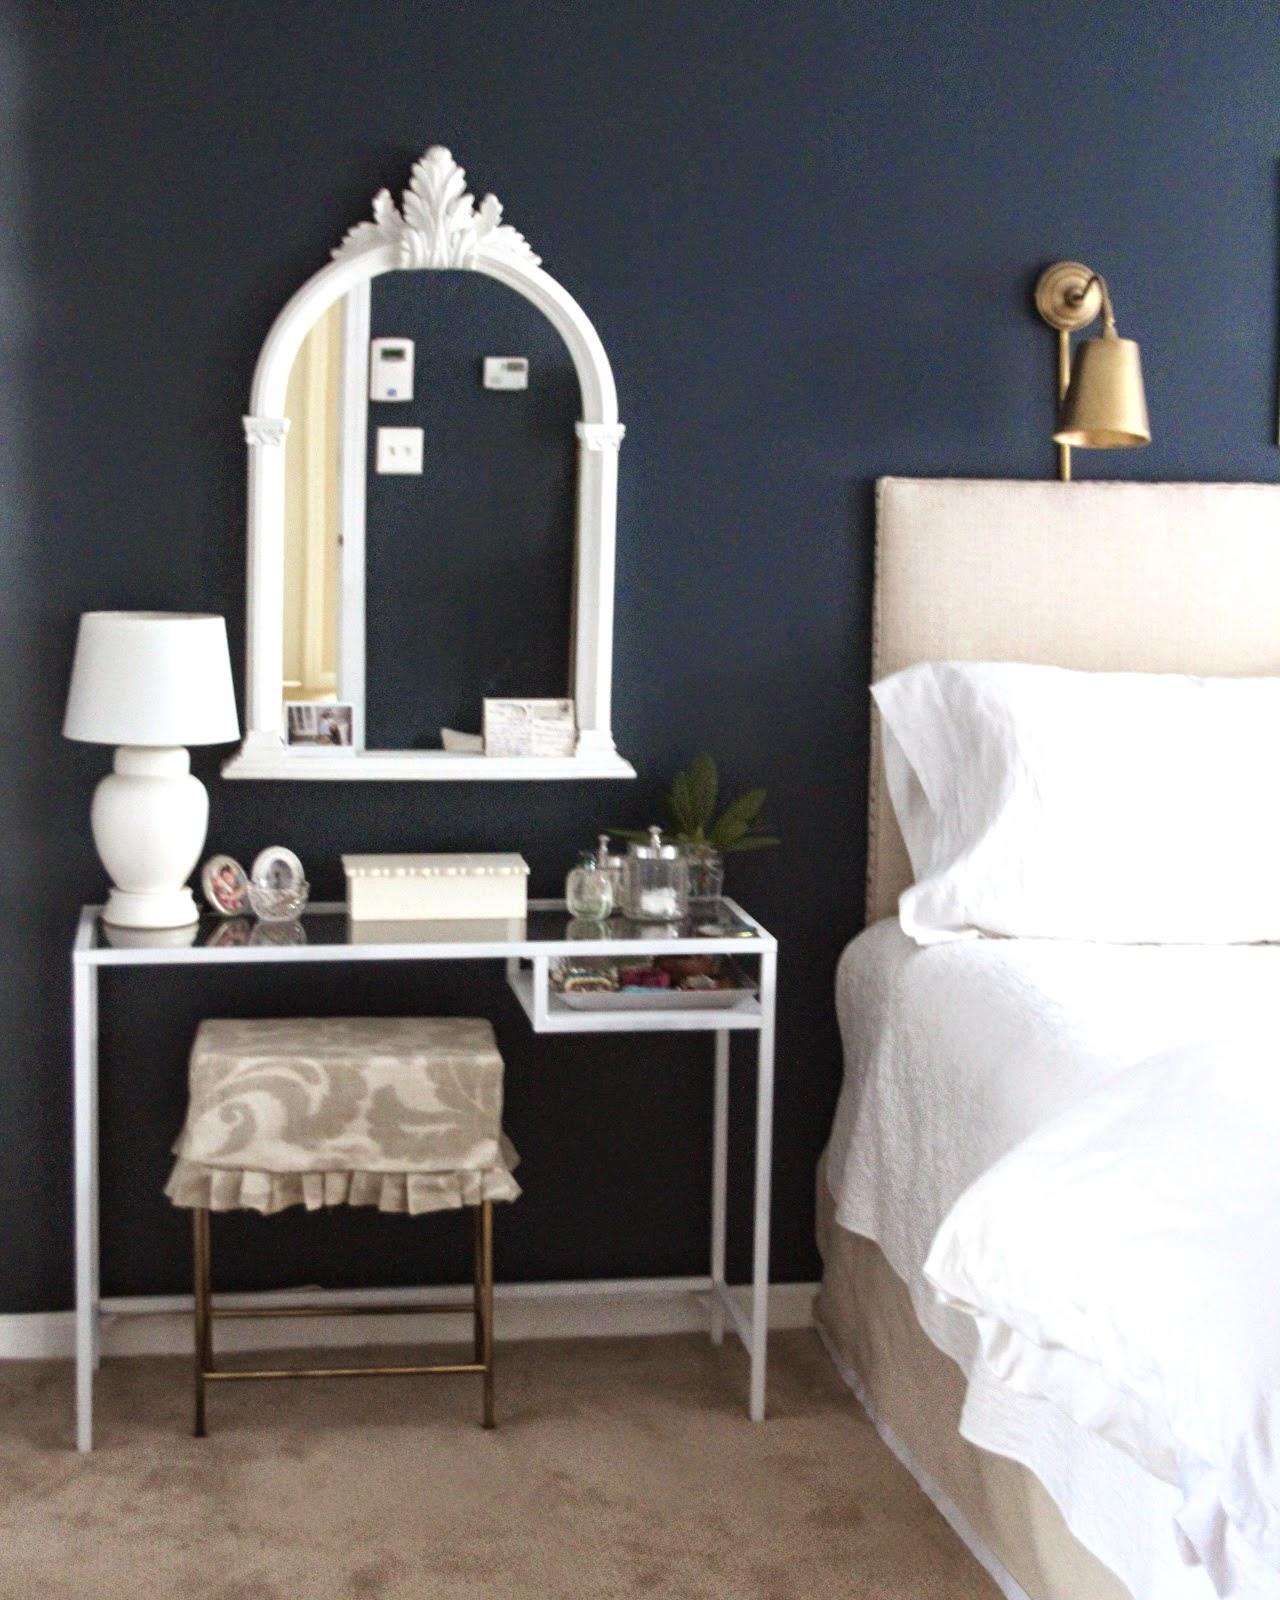 Ikea Trofast Extendable Bed ~ ドレッサーをDIY】プチプラアイテムでも簡単に